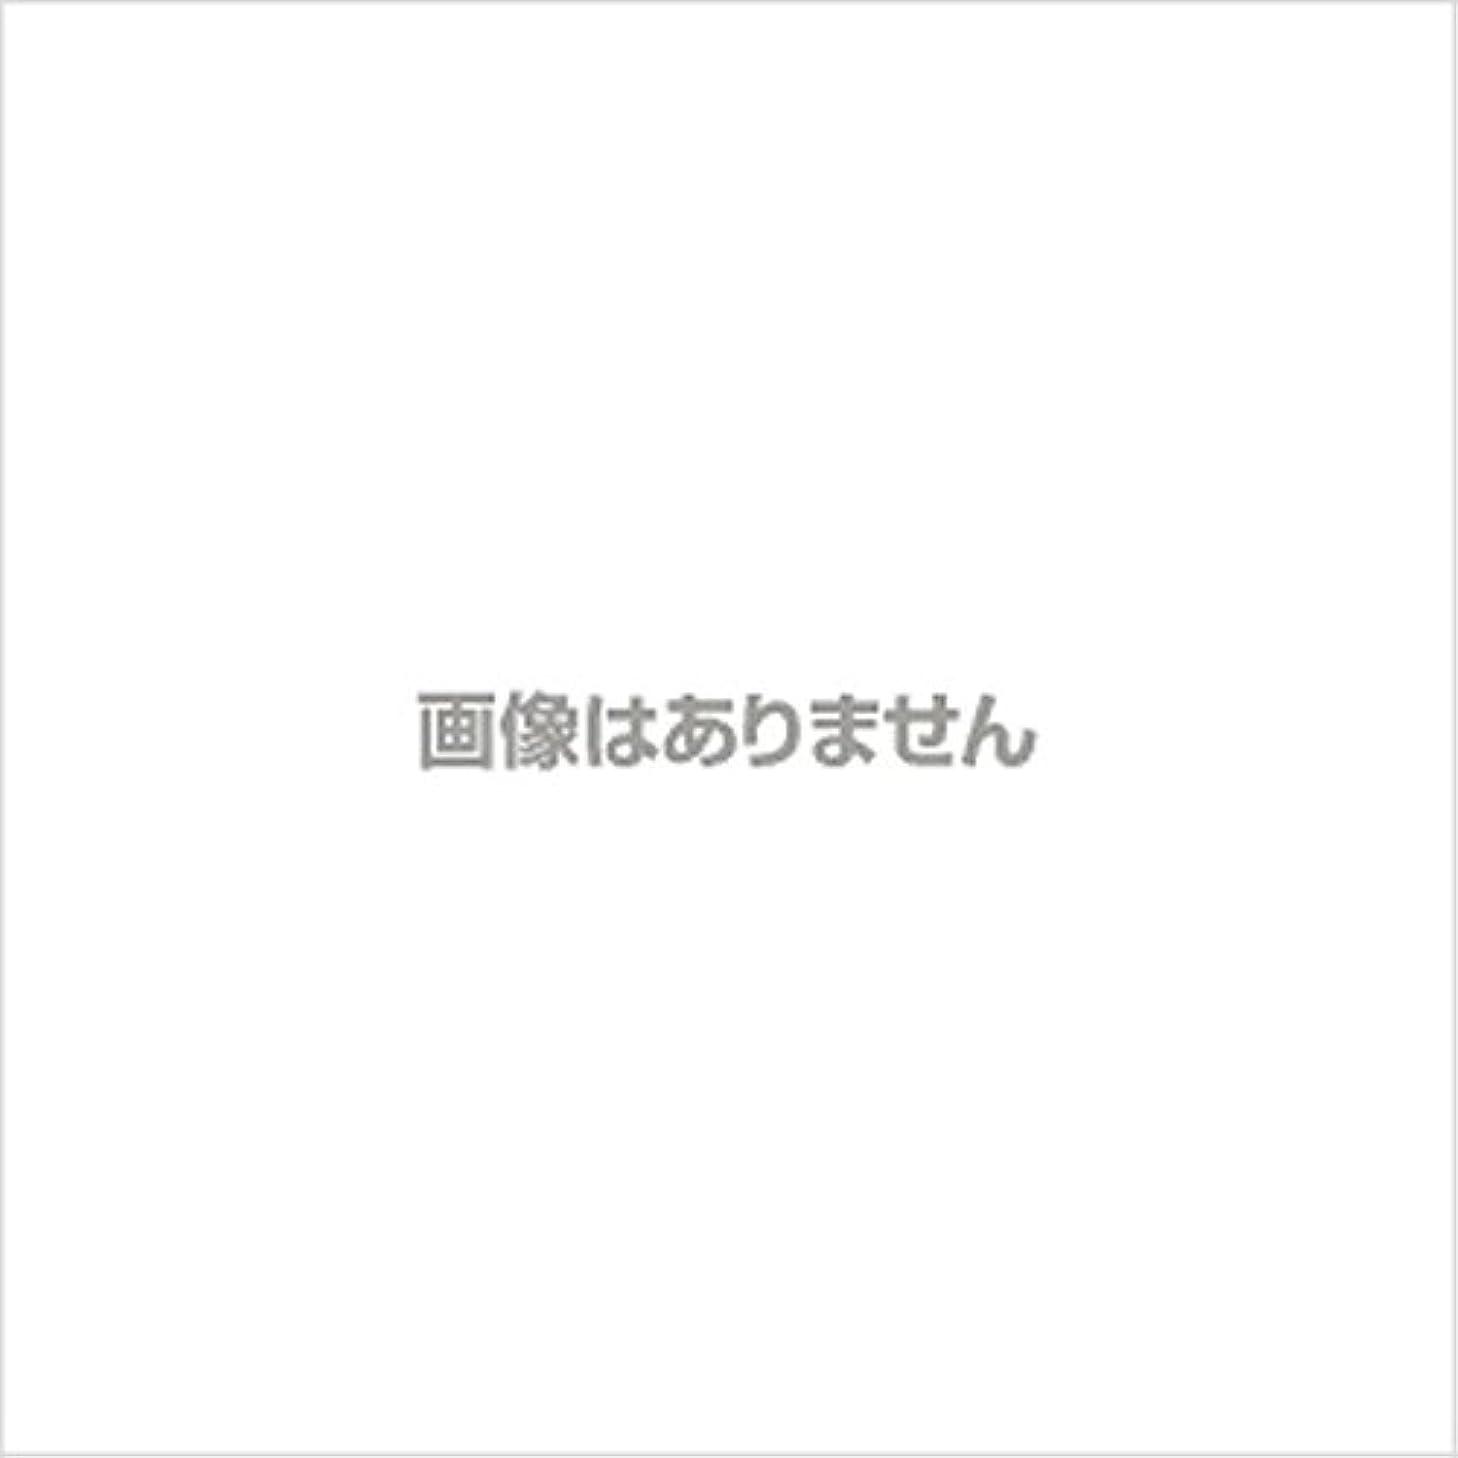 流戦略アテンダントニュージャスト ヘルパーグローブ S(500枚入) 【商品コード】4010300